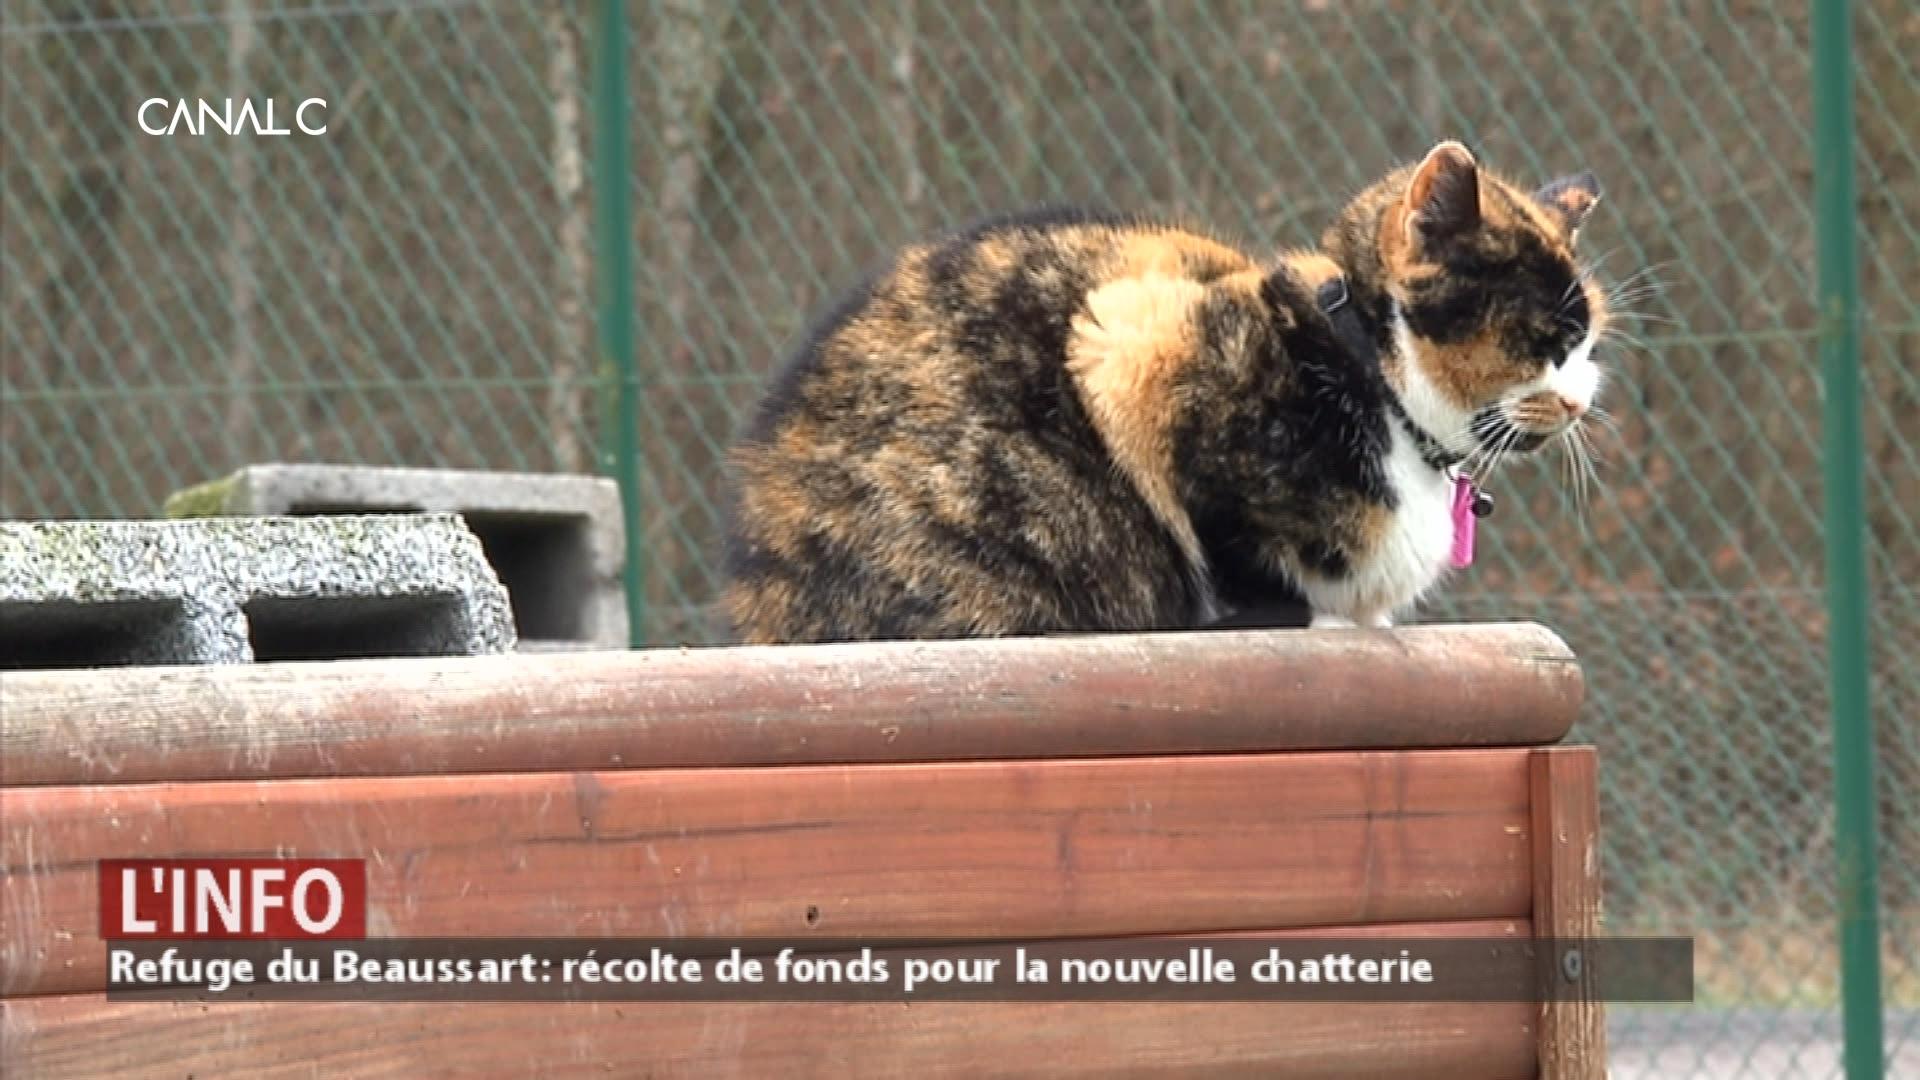 Bientôt une nouvelle chatterie au Refuge du Beaussart